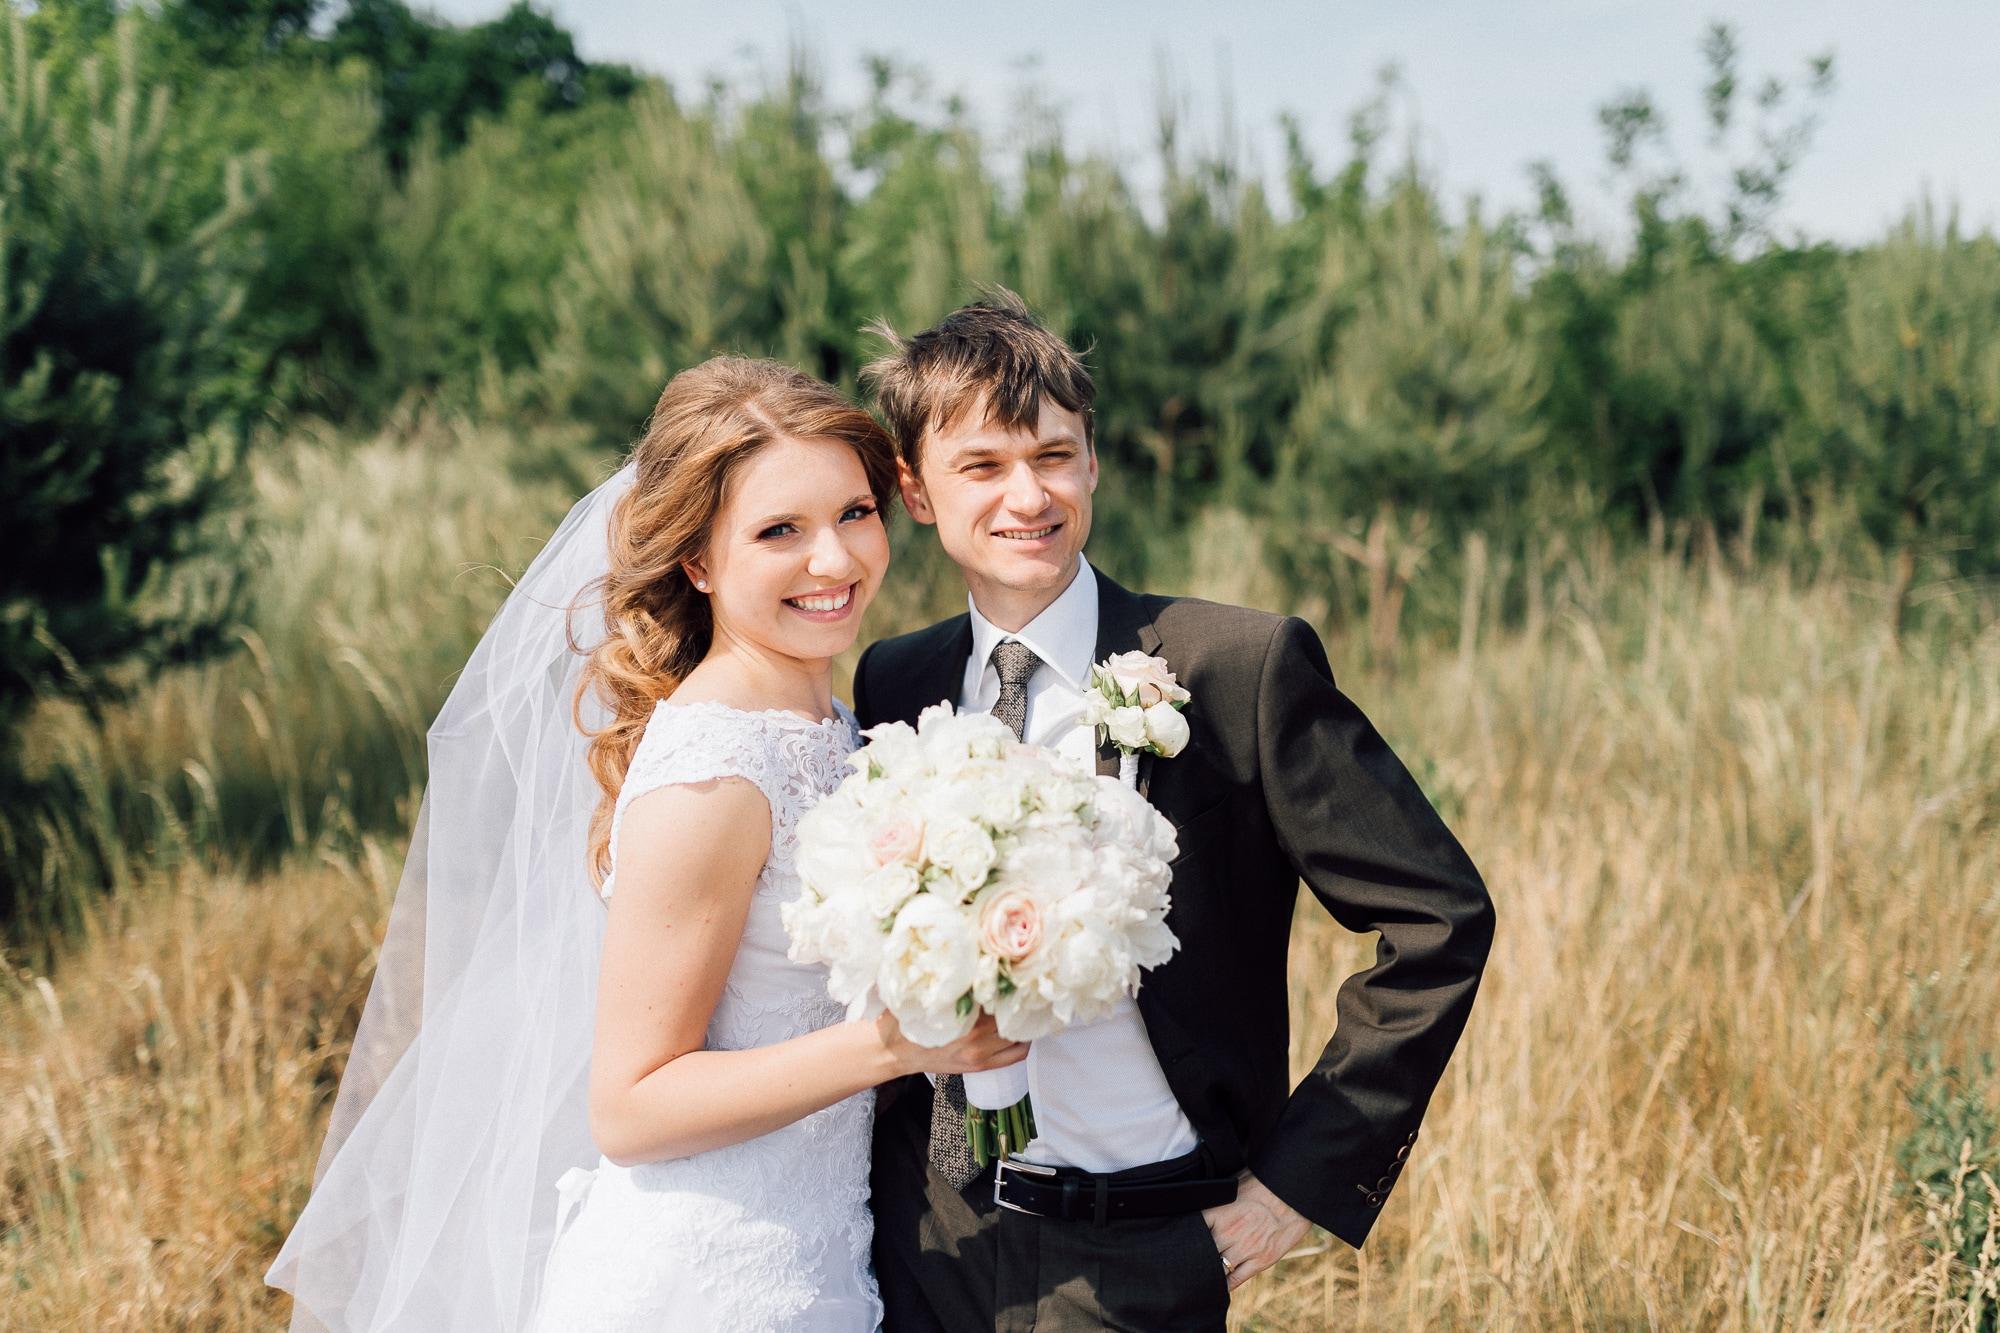 Восхитительная свадьба в Чехии организация цены отзывы || Восхитительная свадьба в Чехии организация цены отзывы